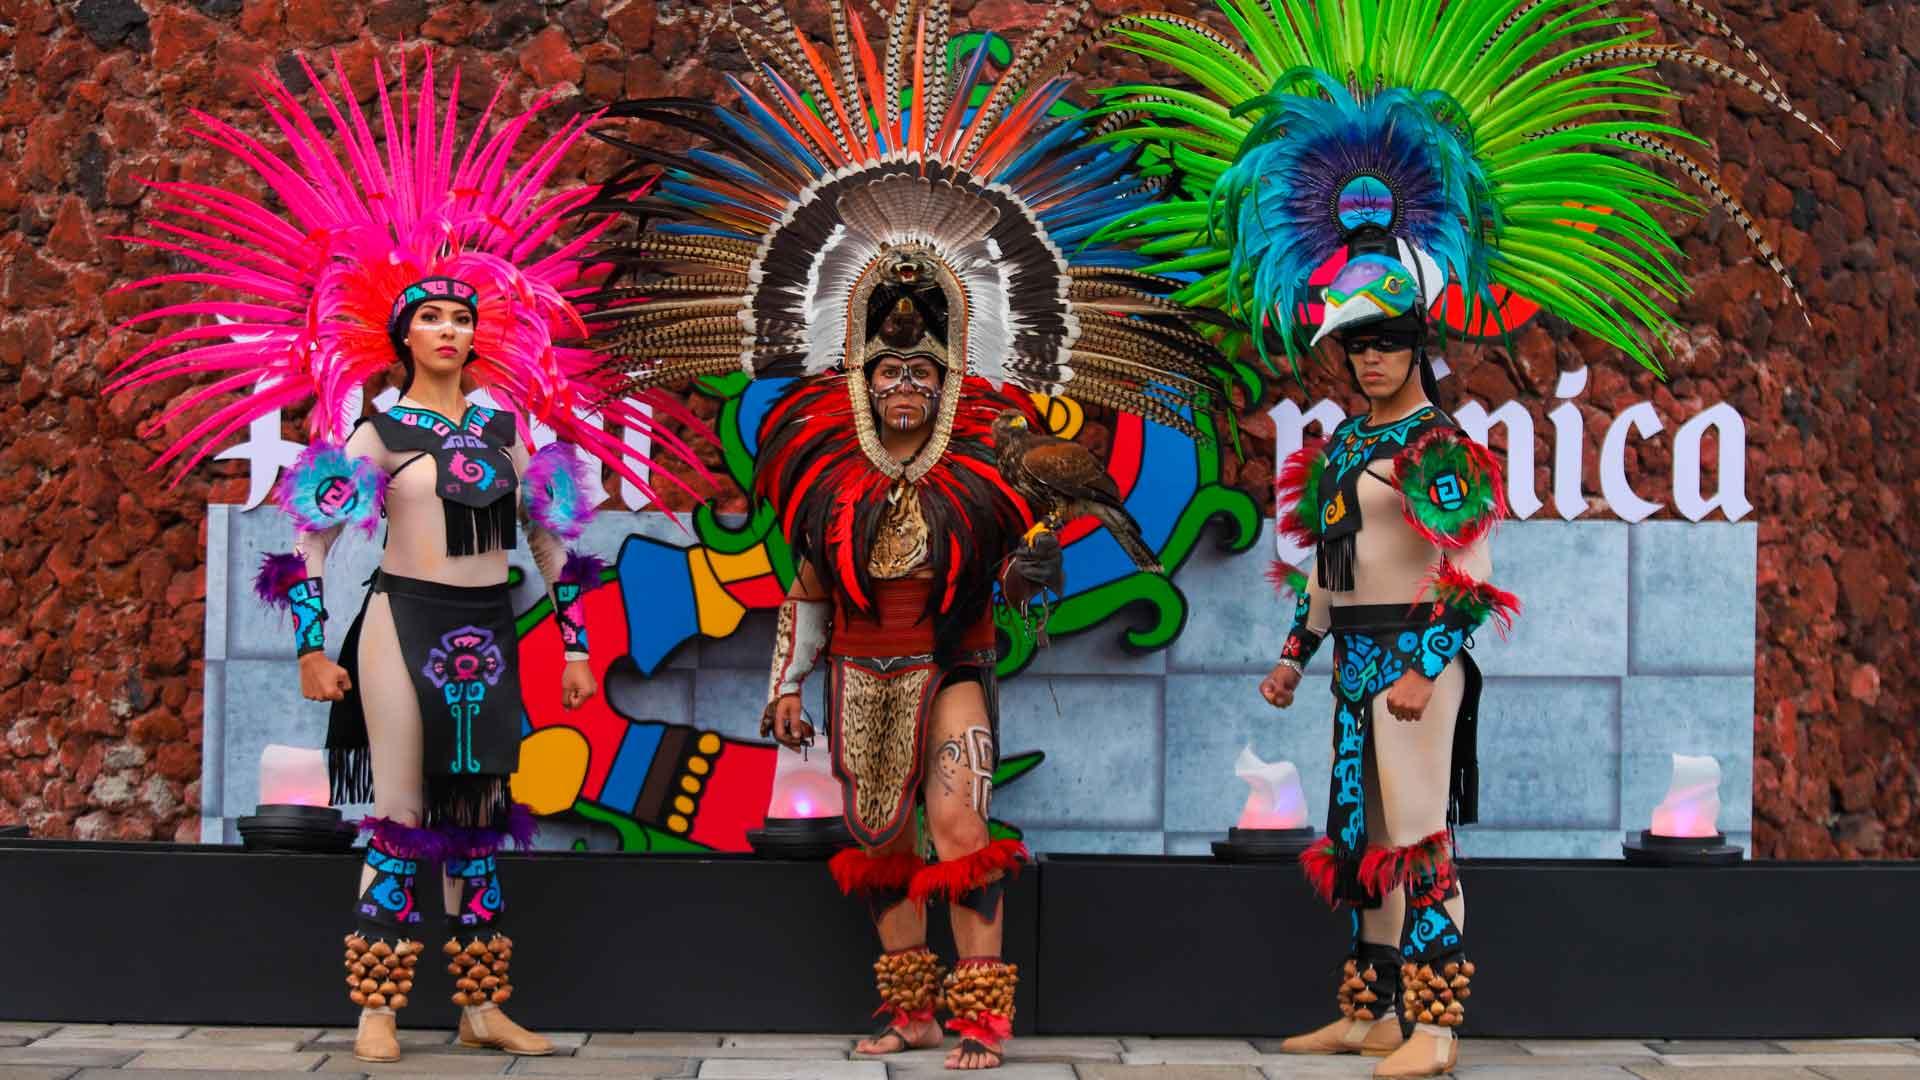 Prehispánica: espectáculo mexica en las trajineras de Xochimilco